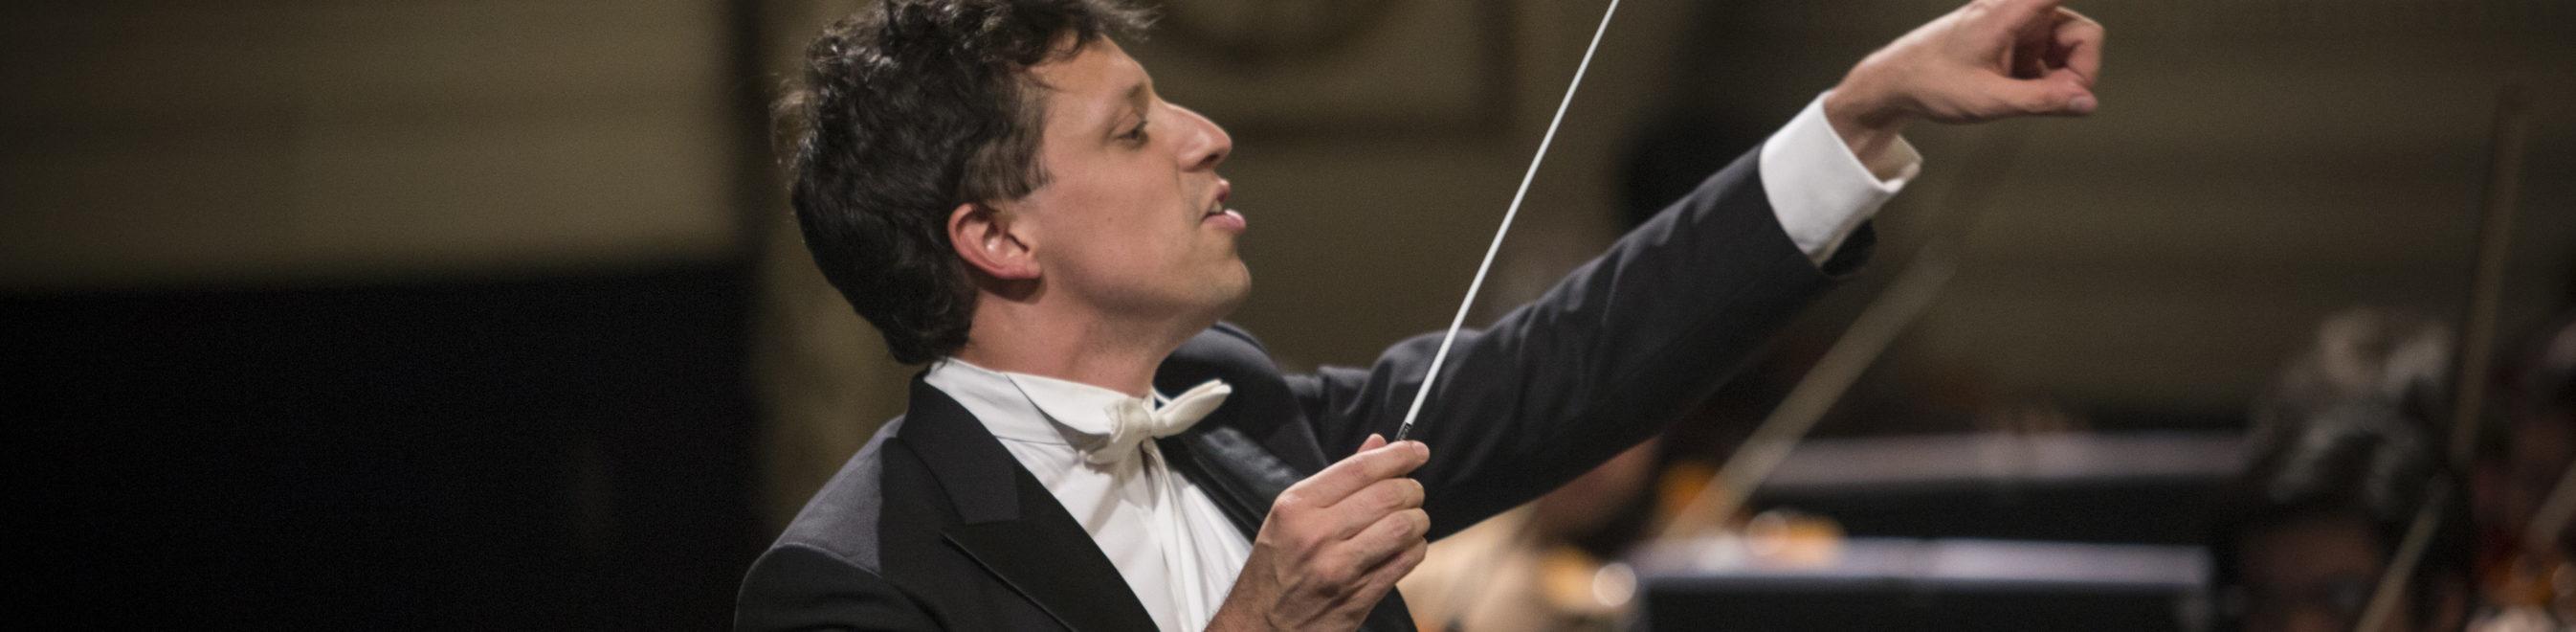 20/12 - CONCERTO DI NATALE con l'Orchestra della Toscana diretta dal M°. Bortolameolli